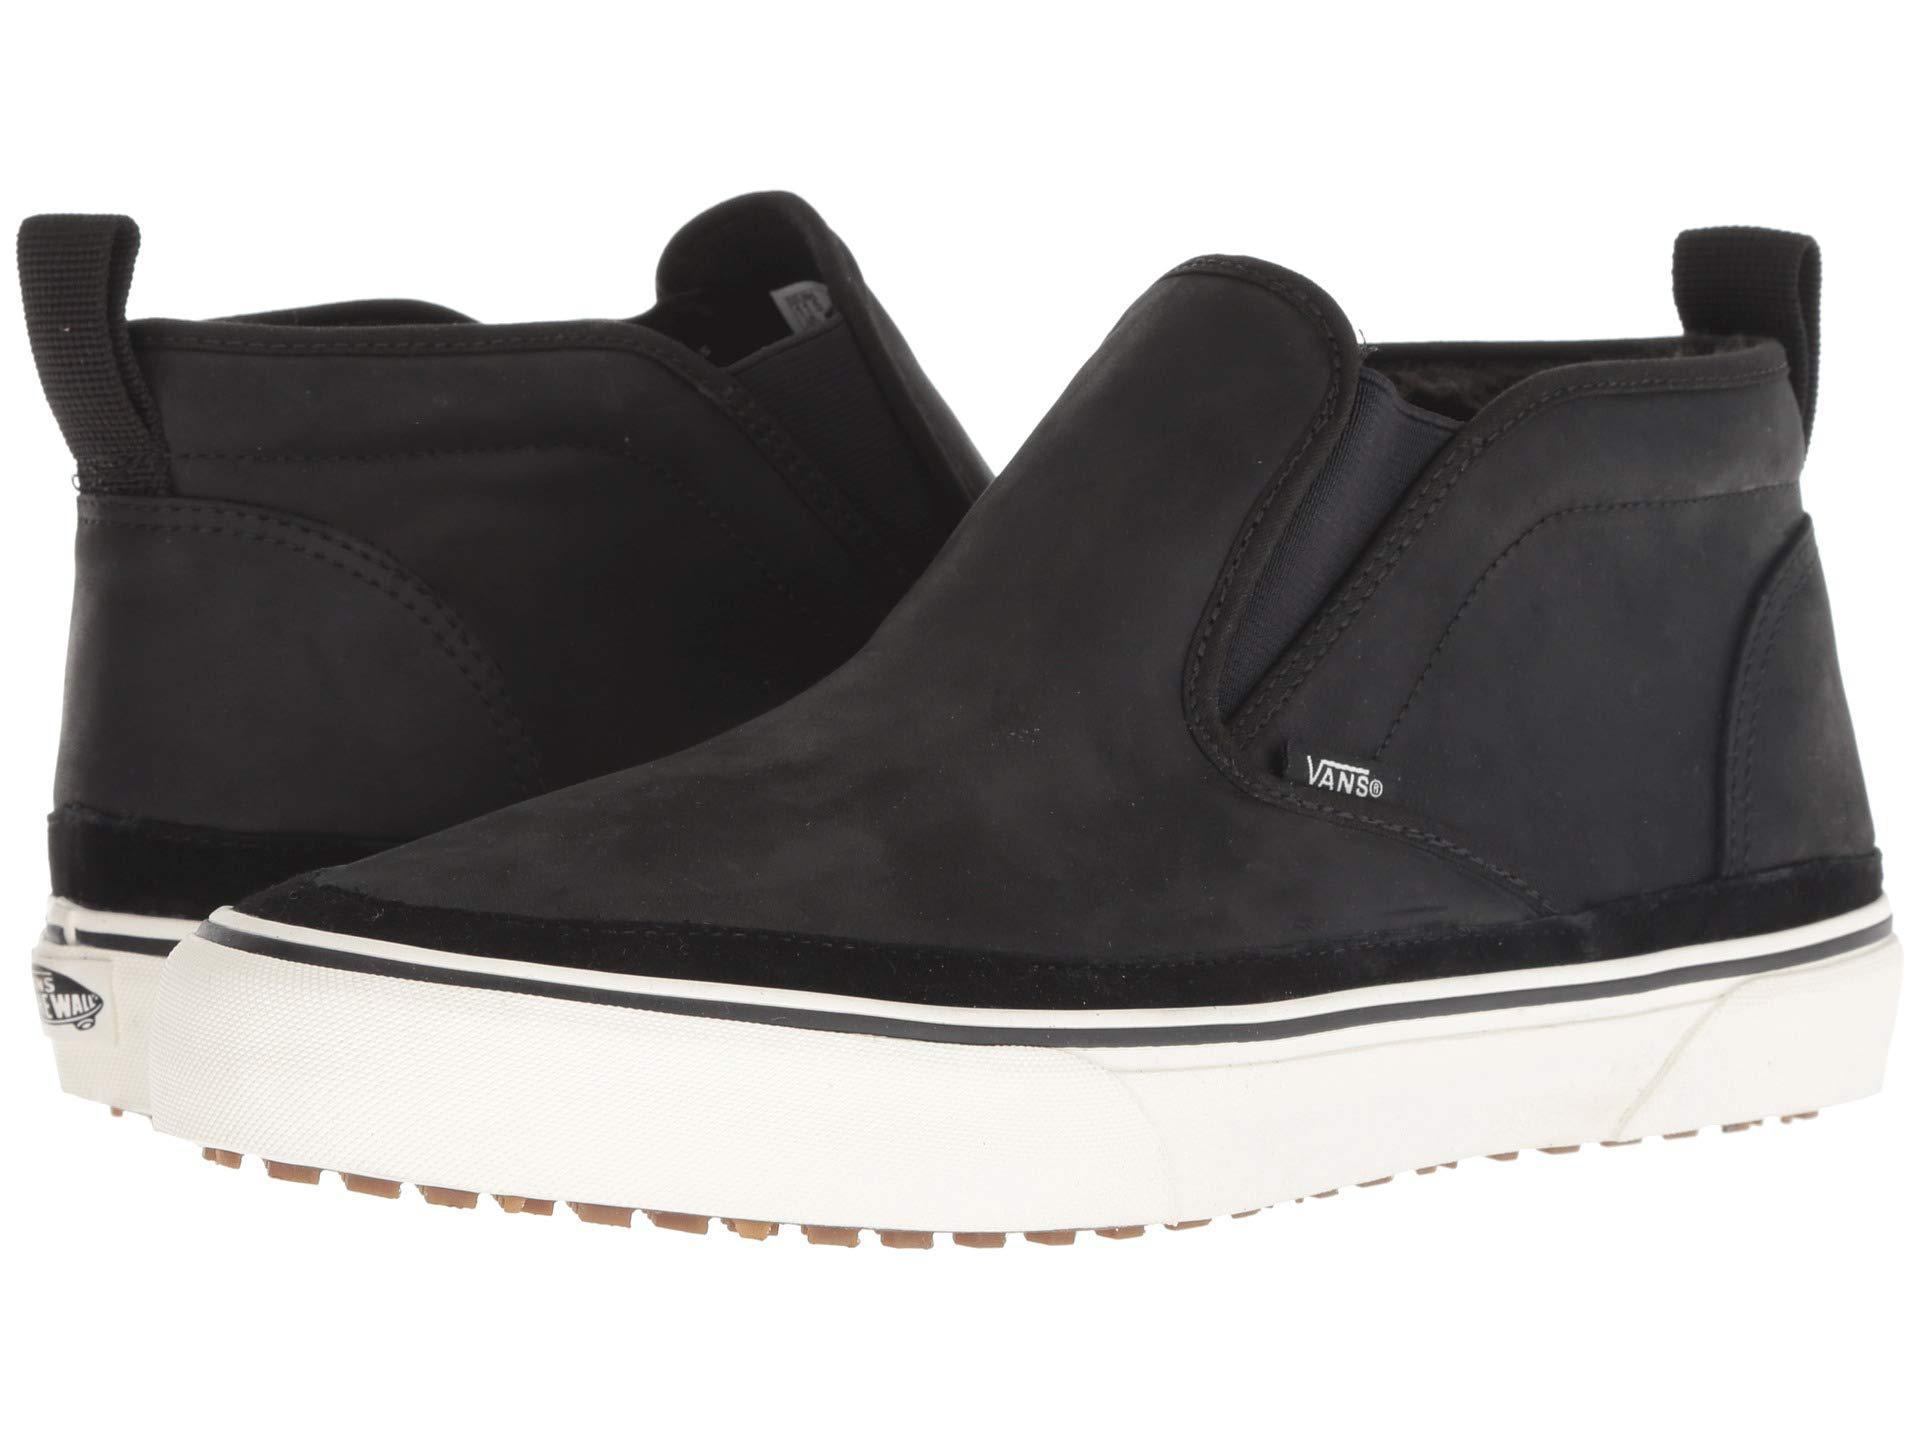 a8b8e2daf8 Lyst - Vans Mid Slip Sf Mte (black marshmallow) Men s Skate Shoes in ...